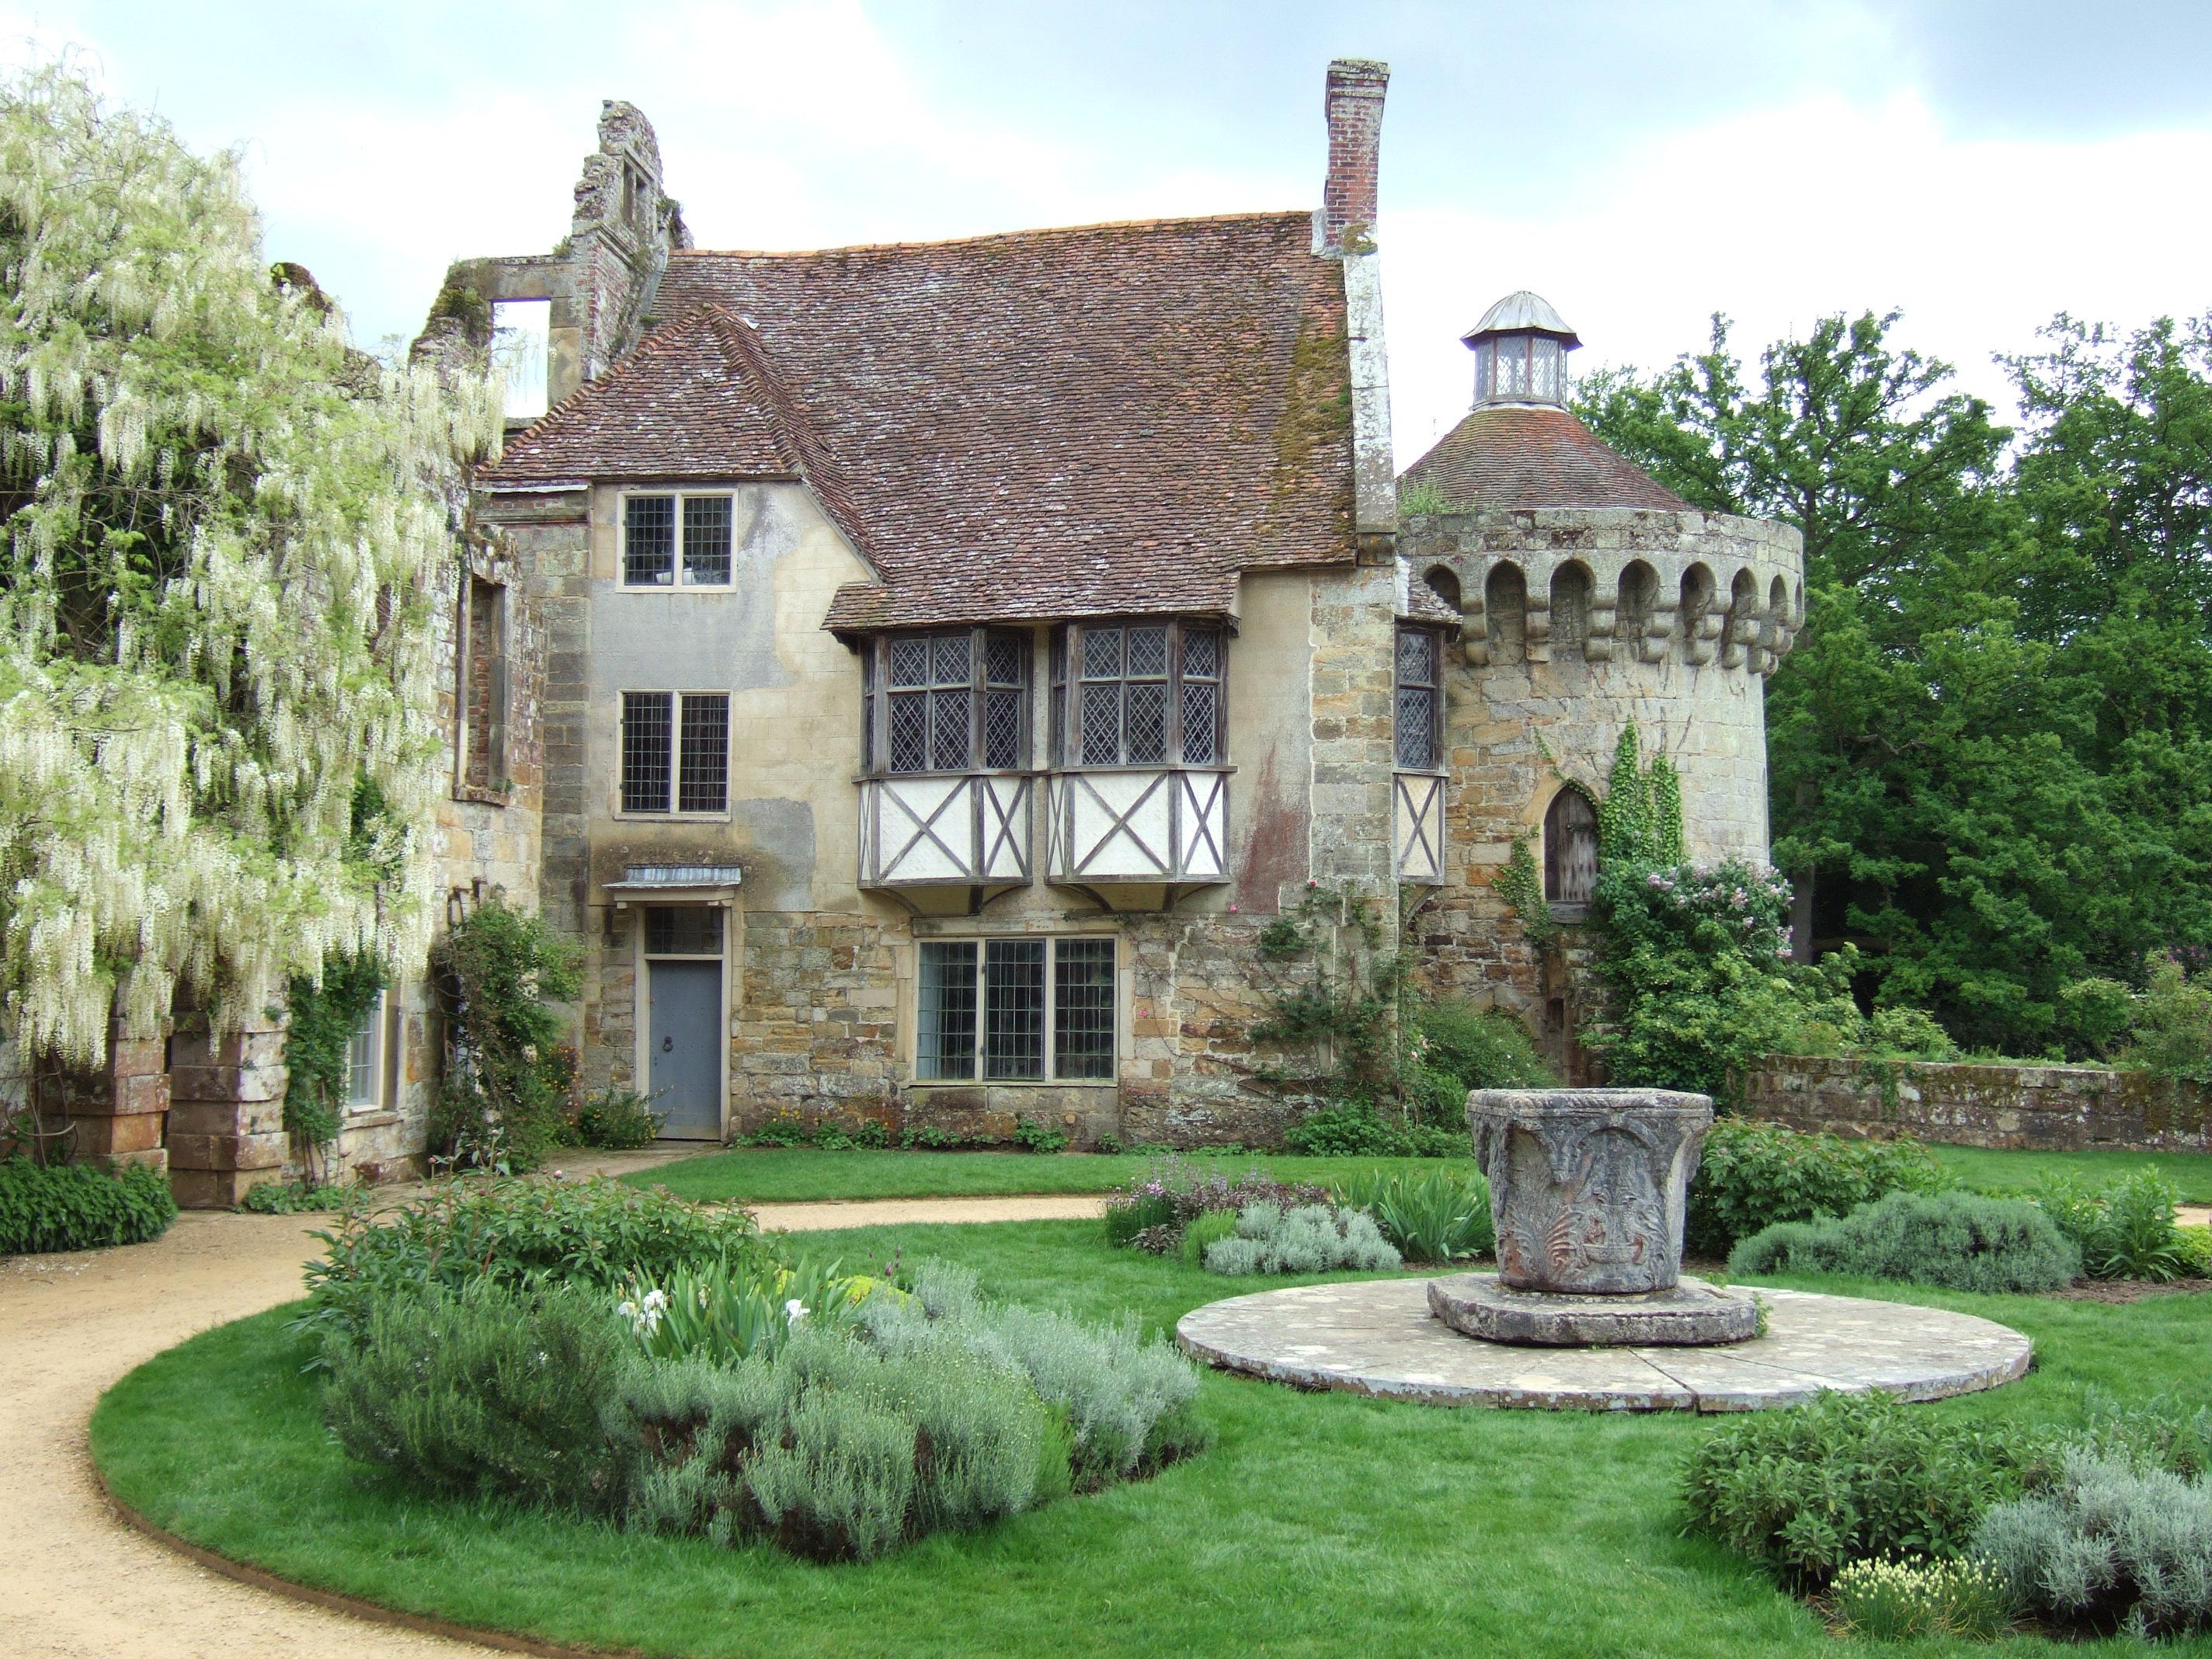 Scotney castle wikiwand for Gartengestaltung landhaus